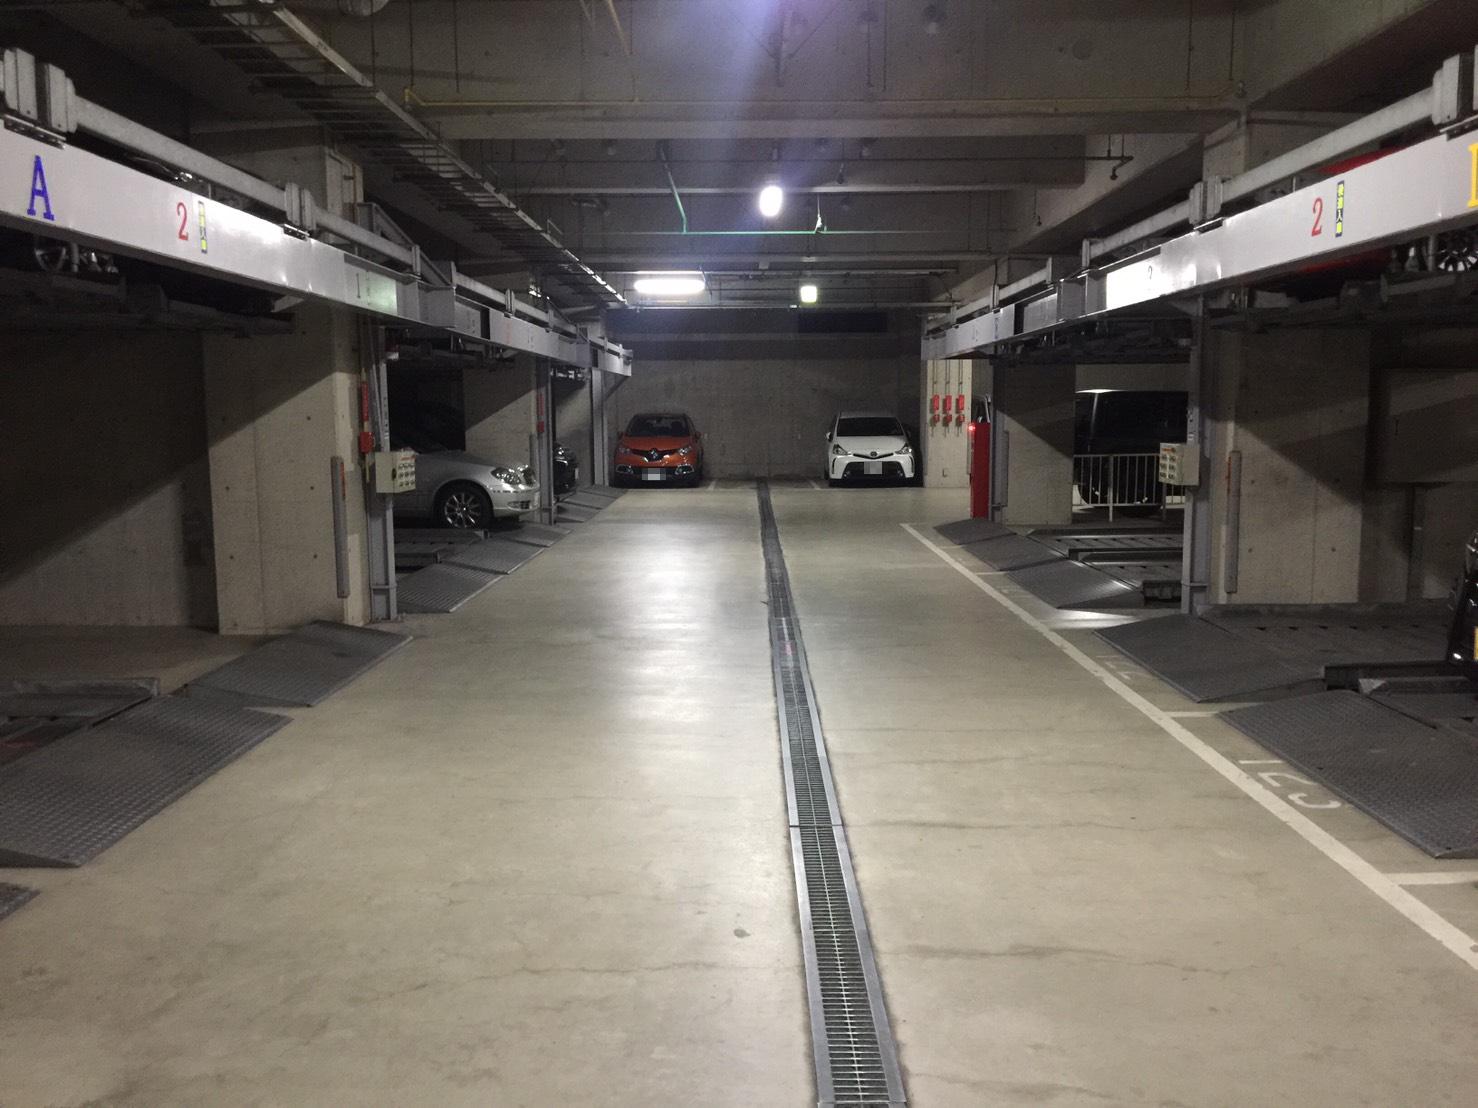 2019年11月度 11件の立体駐車場メンテナンス新規受託を頂きました!